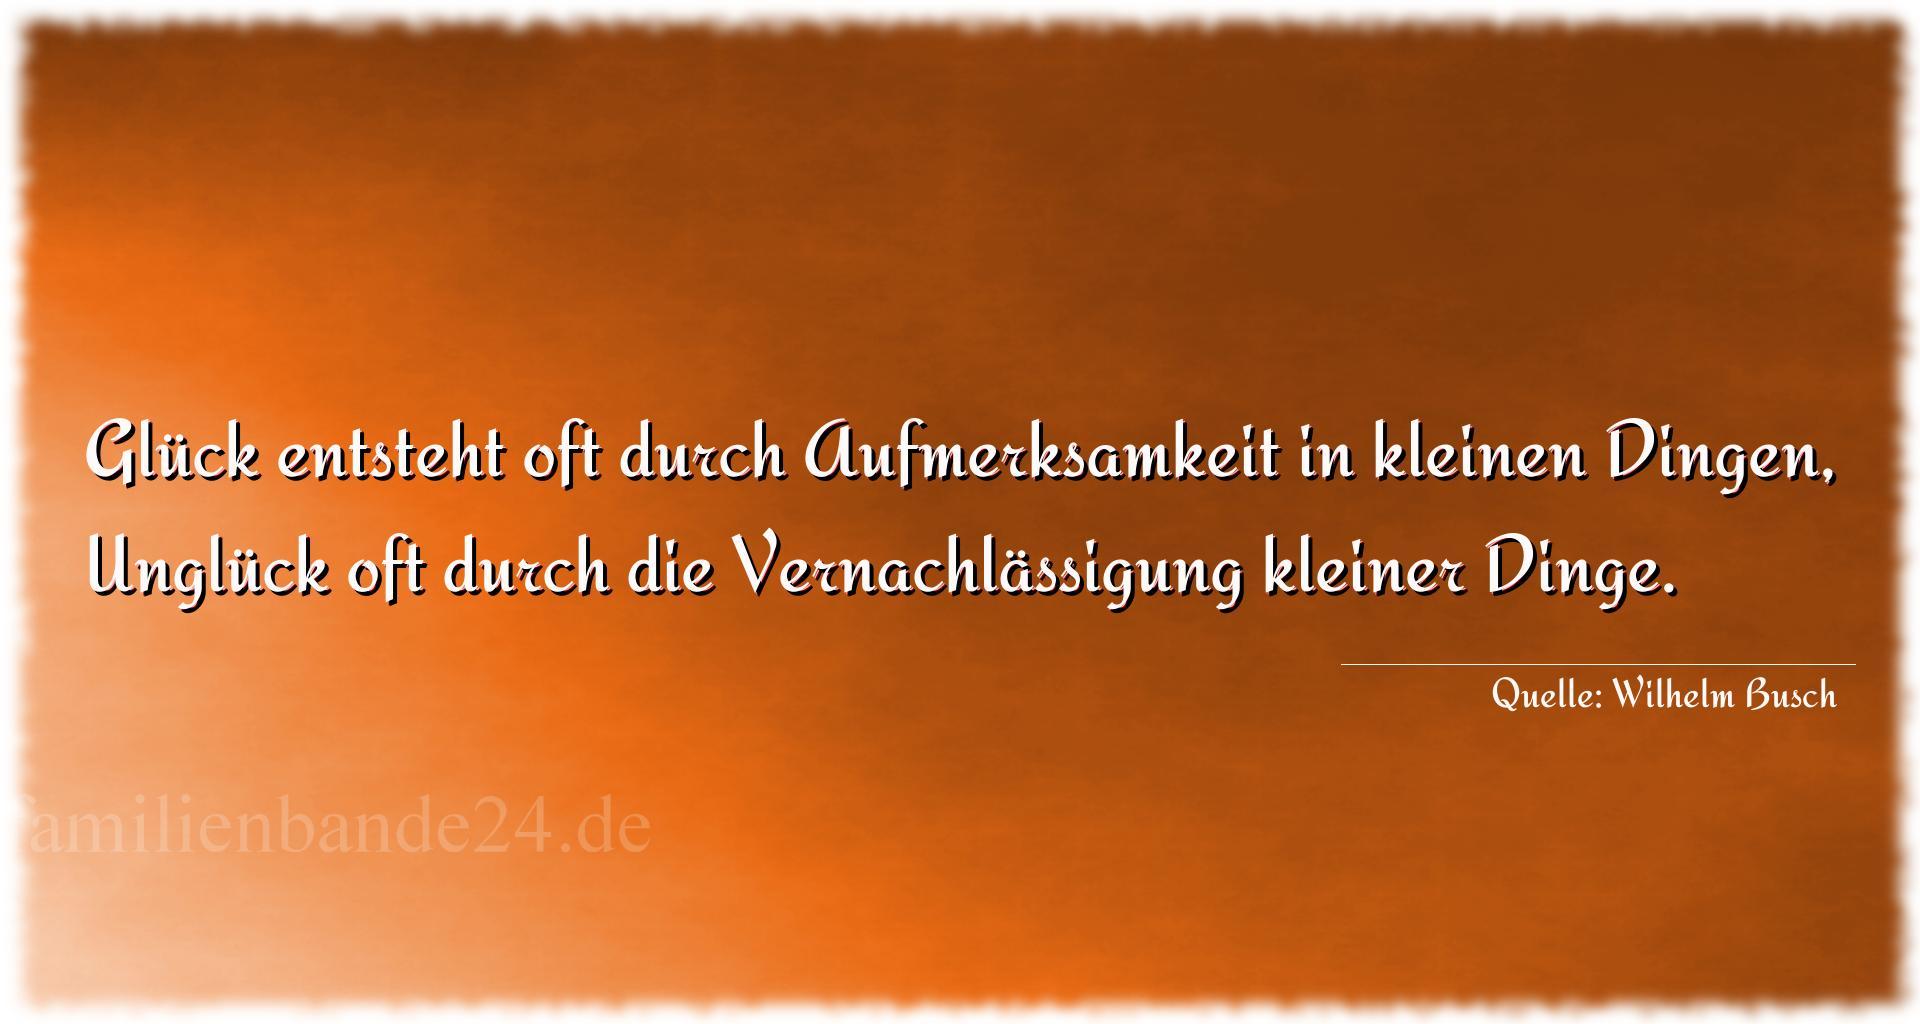 Weihnachtsgedichte Von Wilhelm Busch.Aphorismus 1304 Aus Die Besten Aphorismen